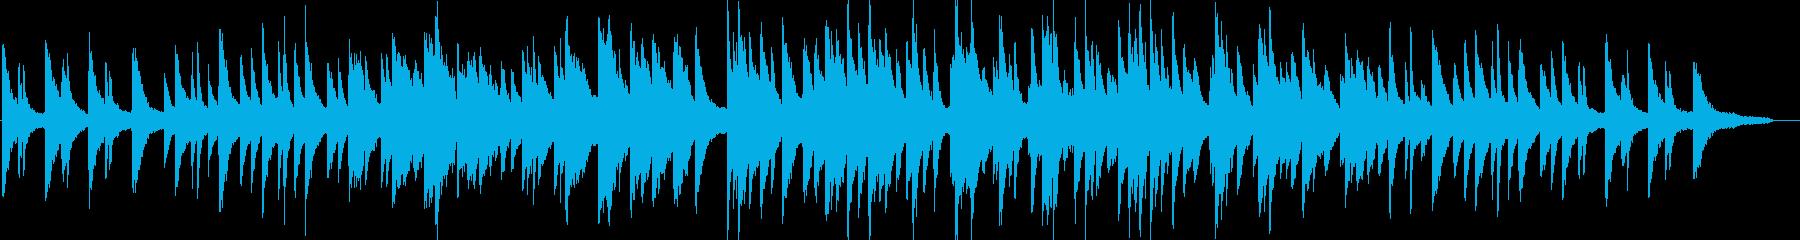 リラックス・ピアノソロ・イベント・映像の再生済みの波形